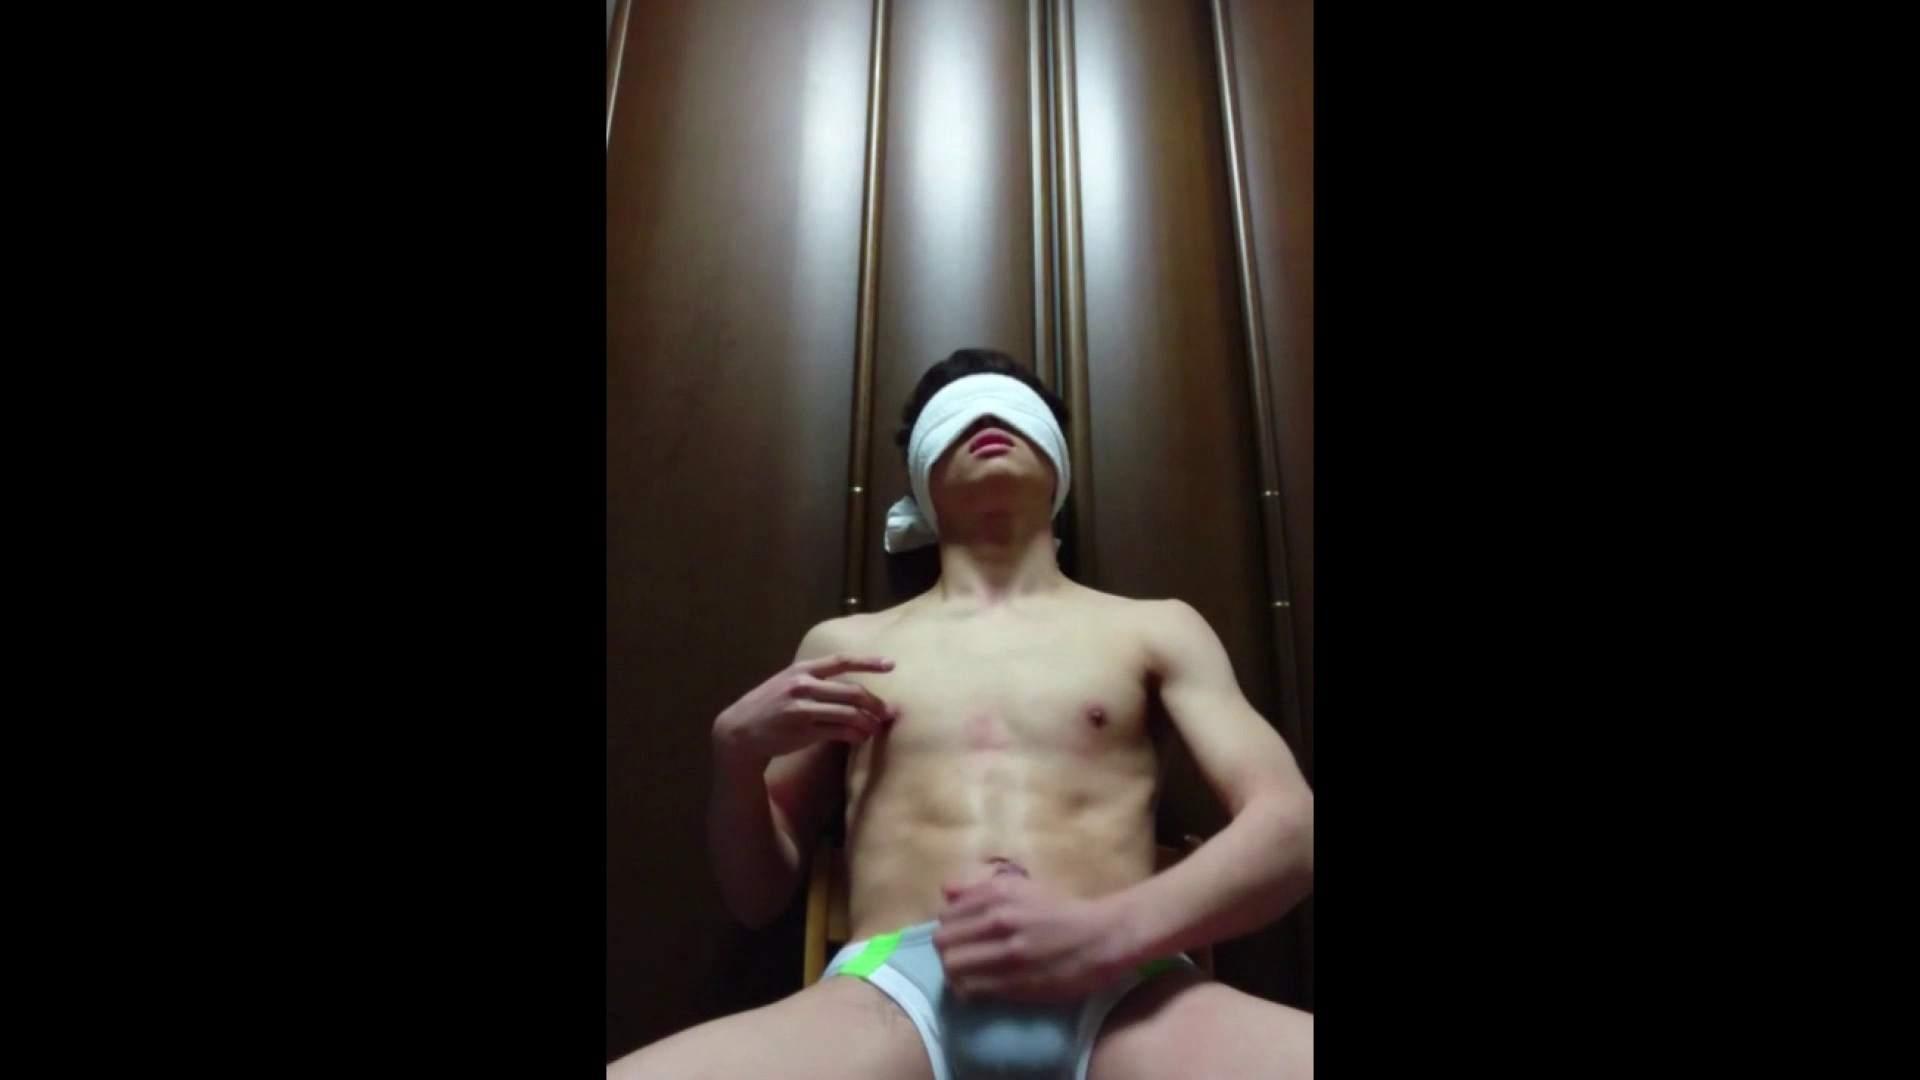 個人撮影 自慰の極意 Vol.21 オナニー  59pic 48